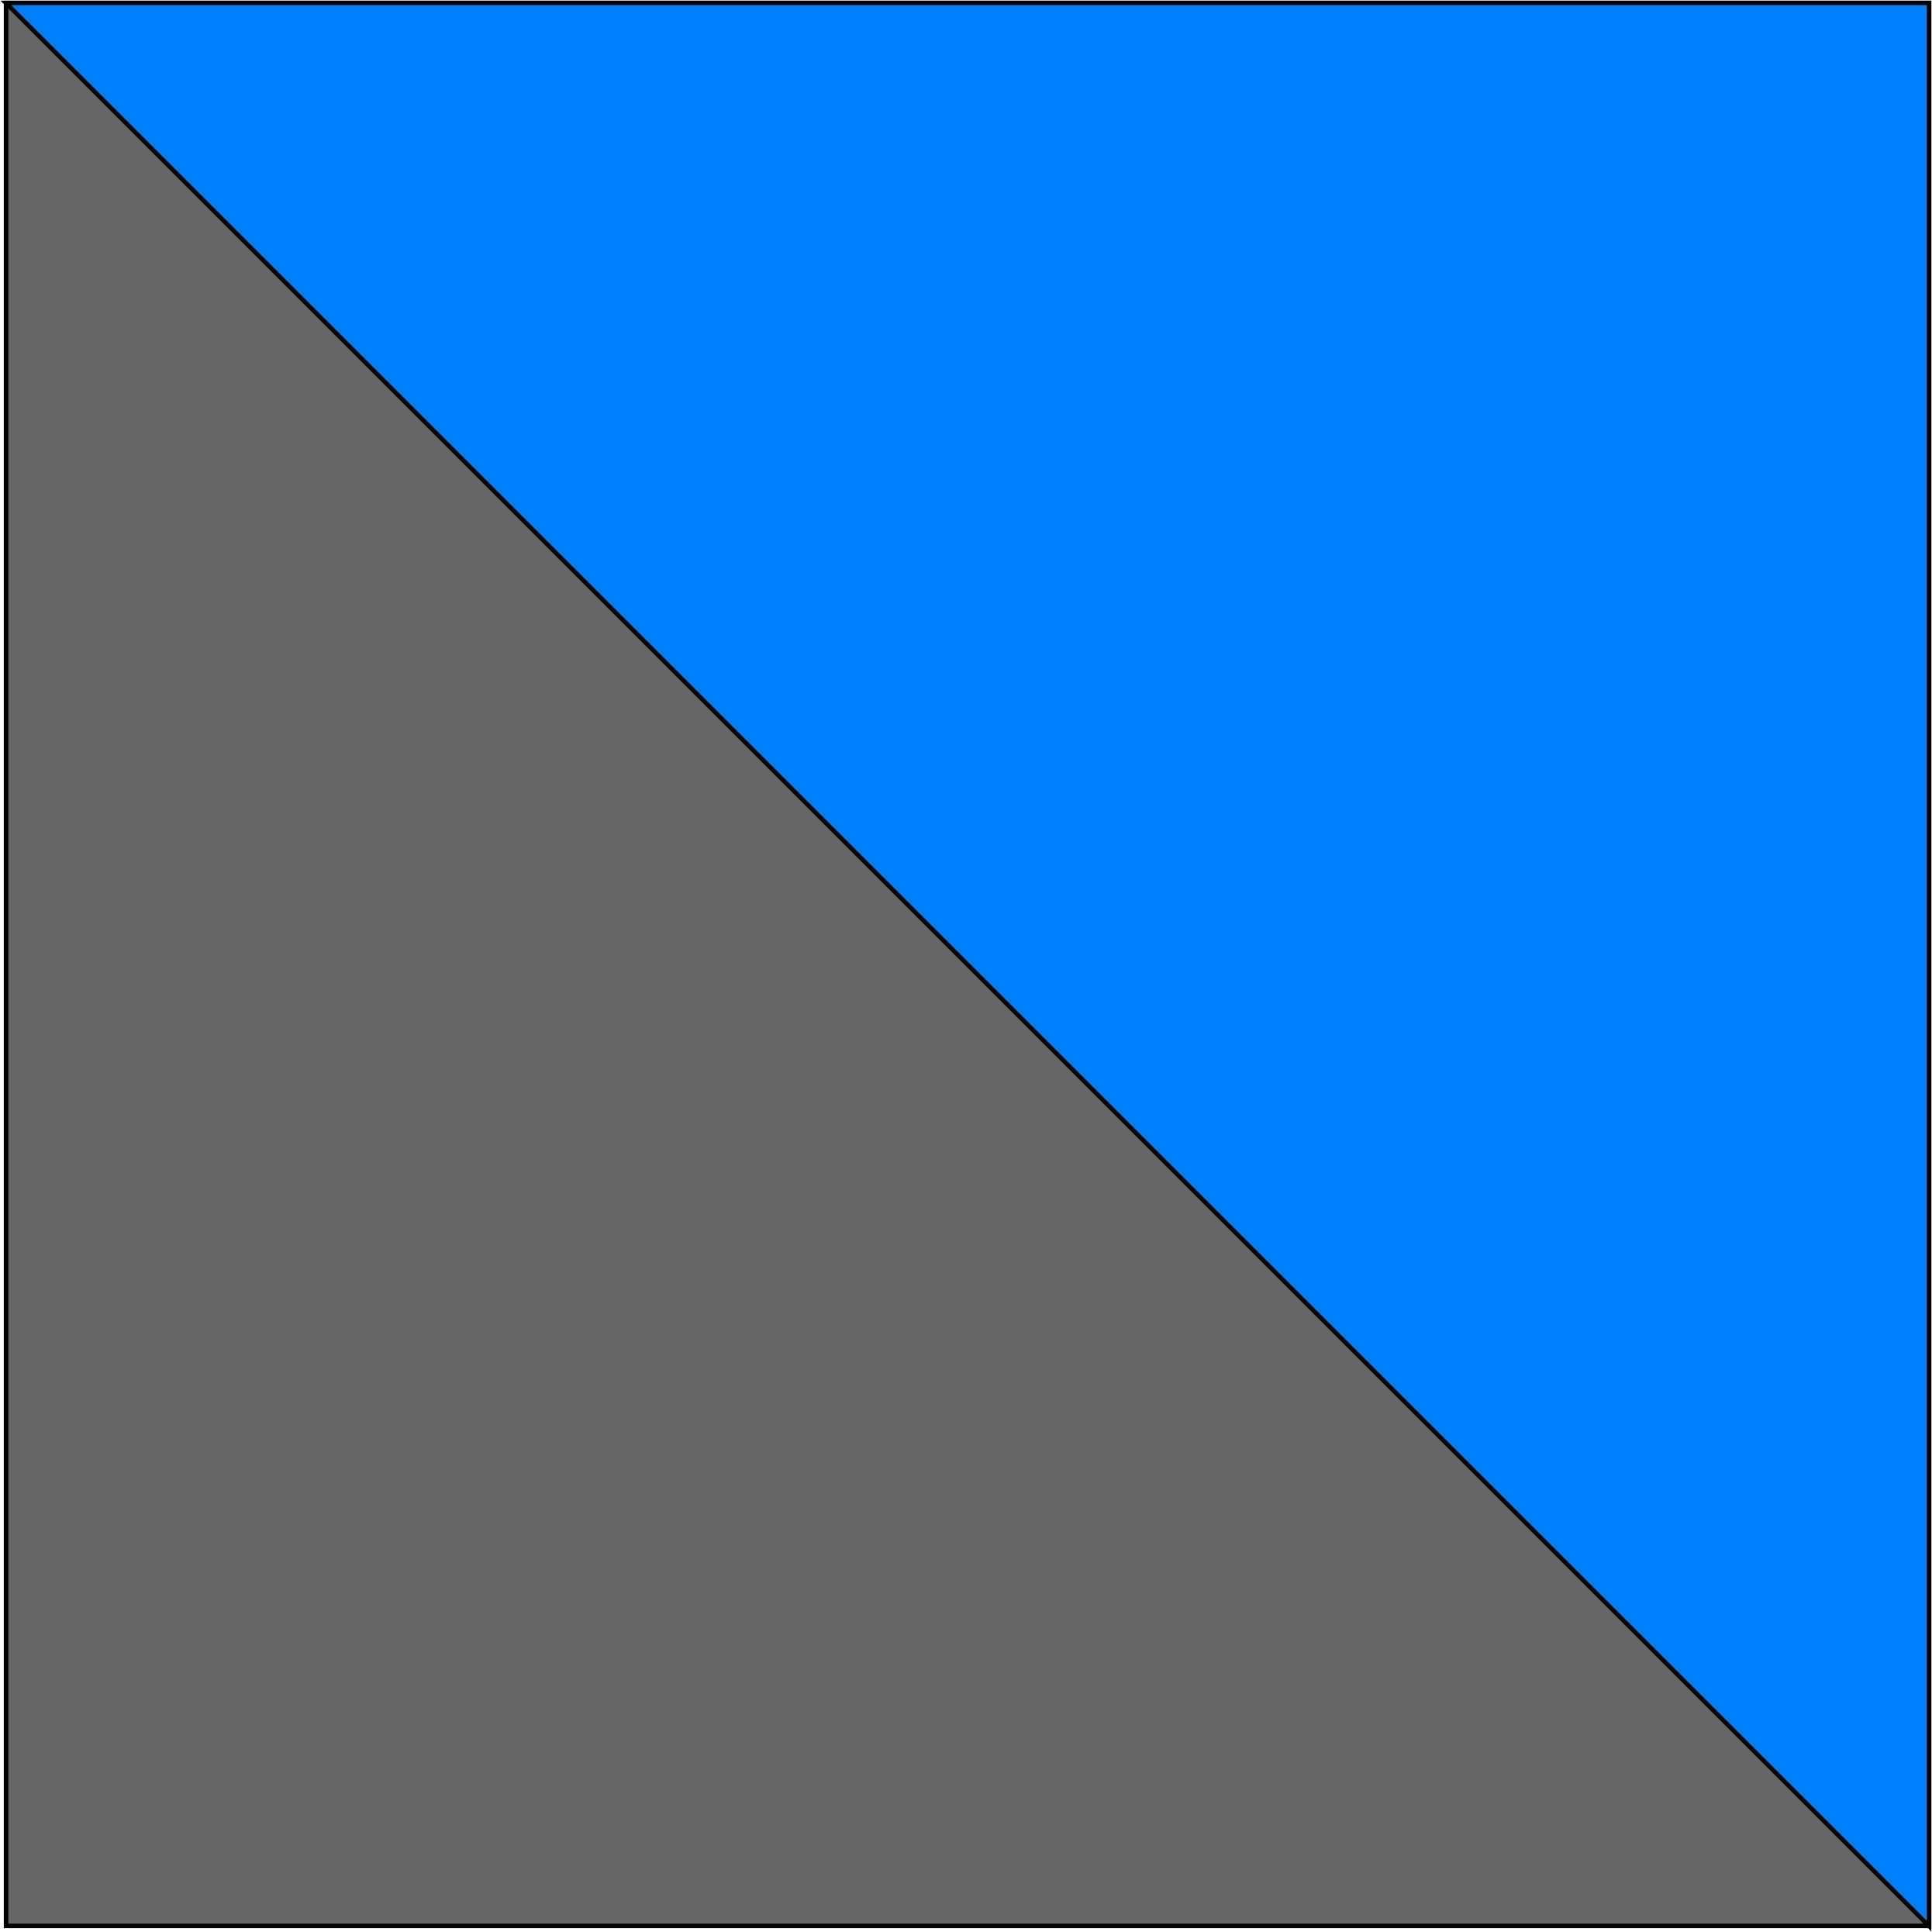 szary/niebieski